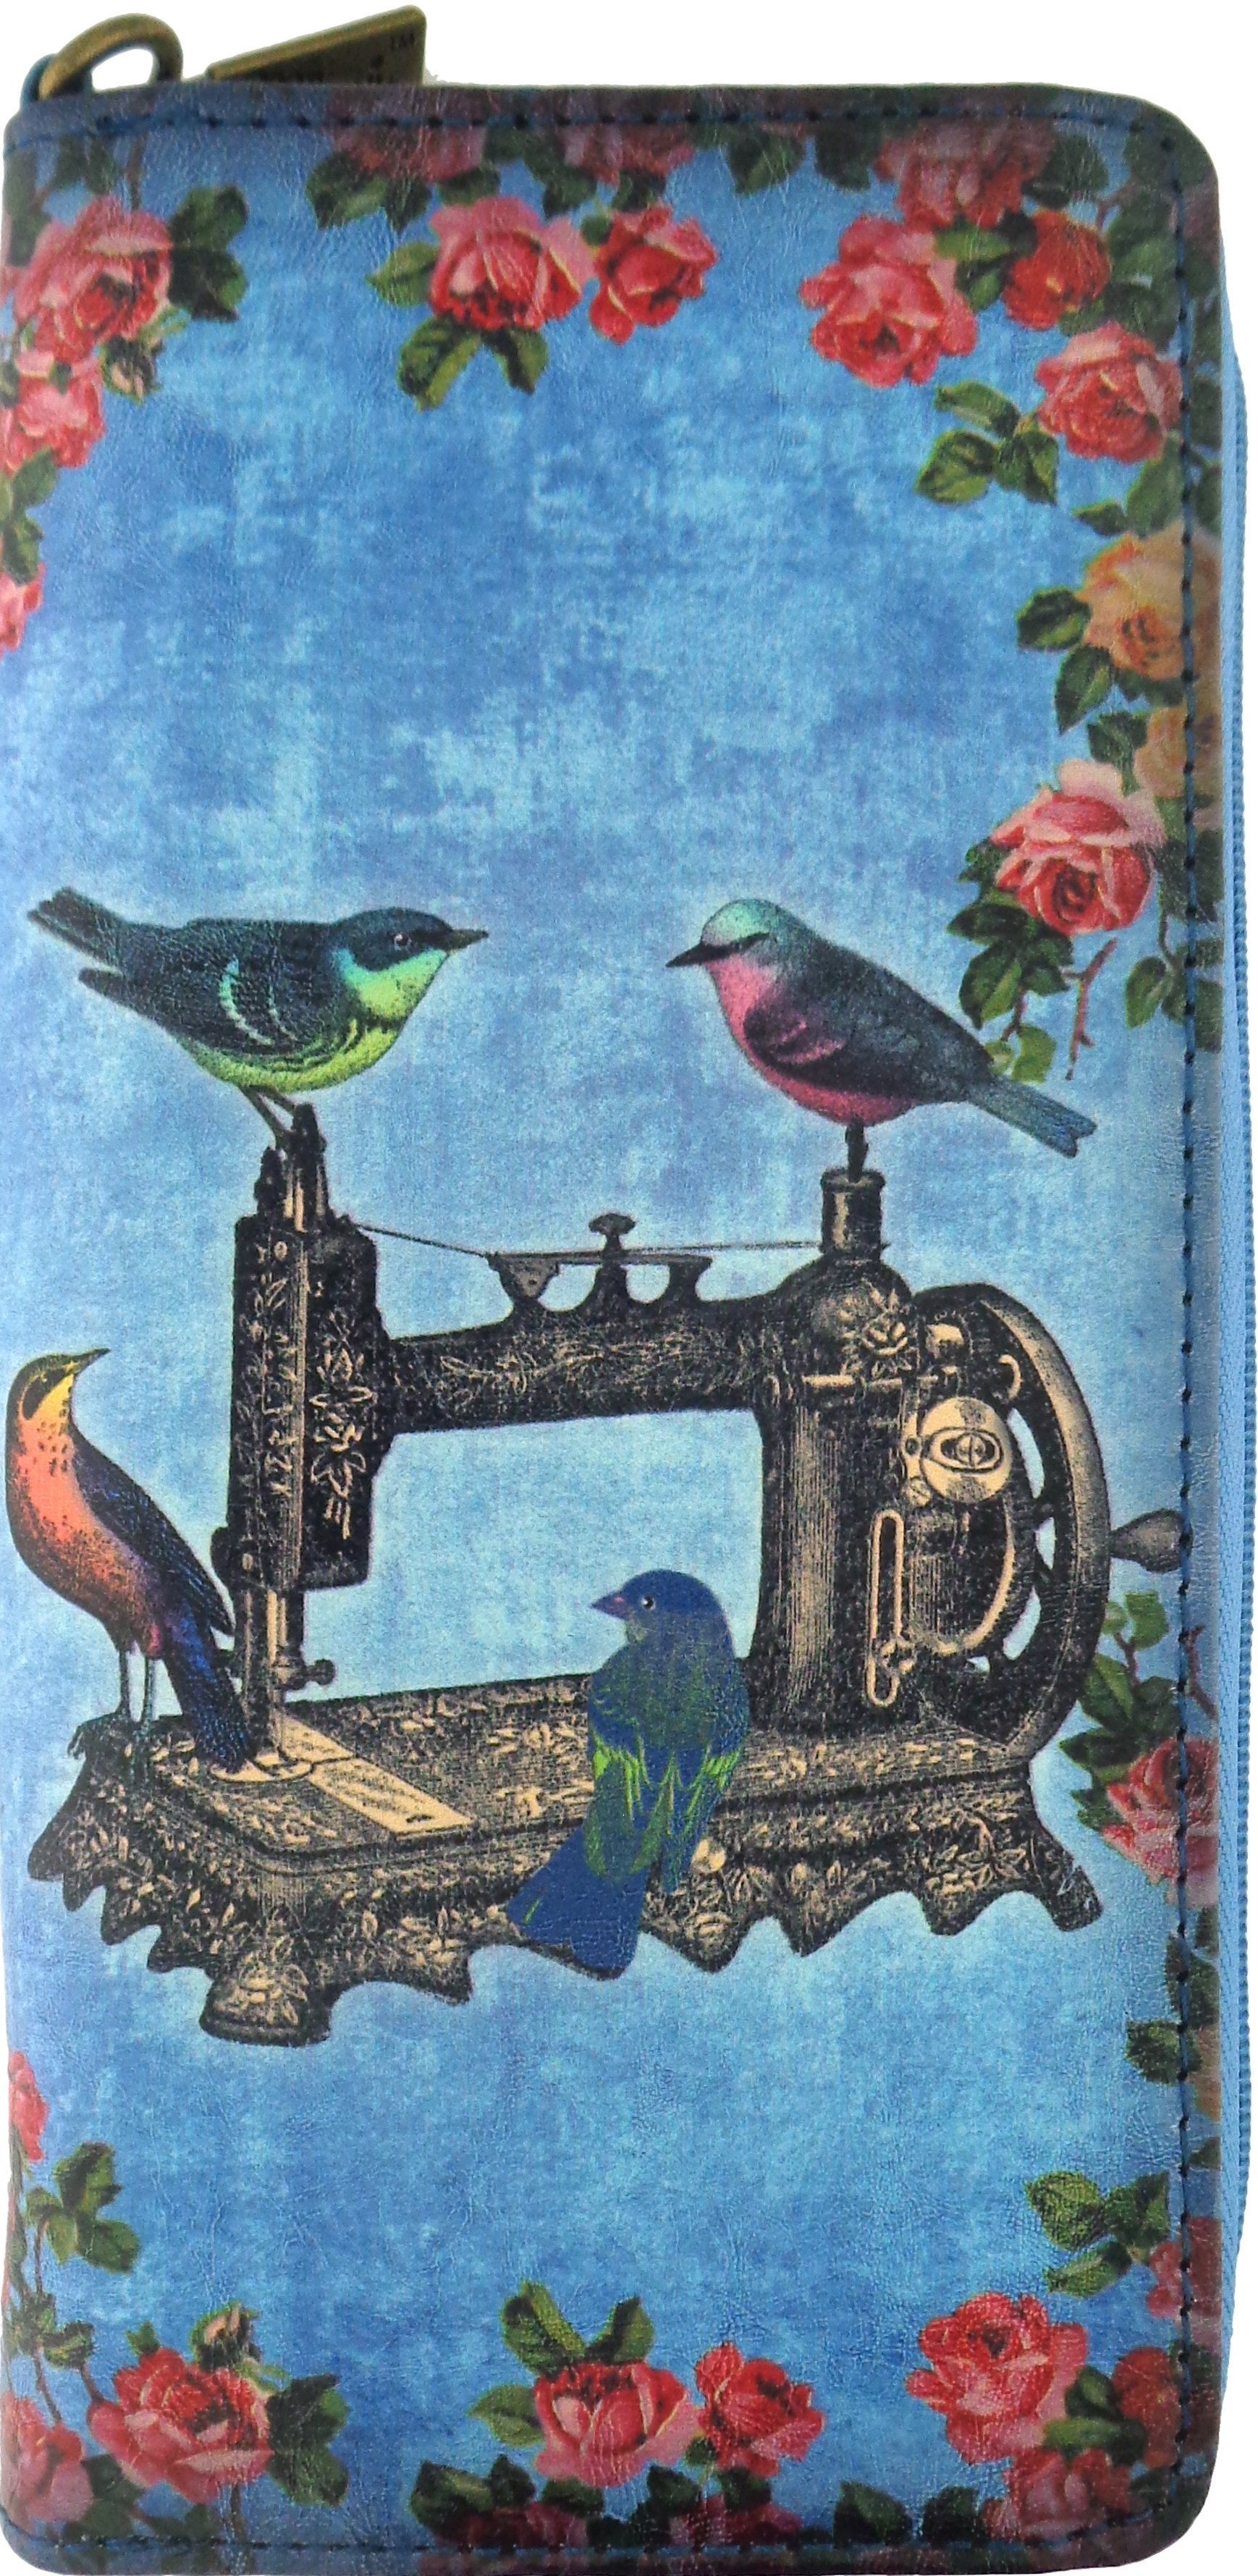 Floral Birds Sewing Machine/Scissor Wallet